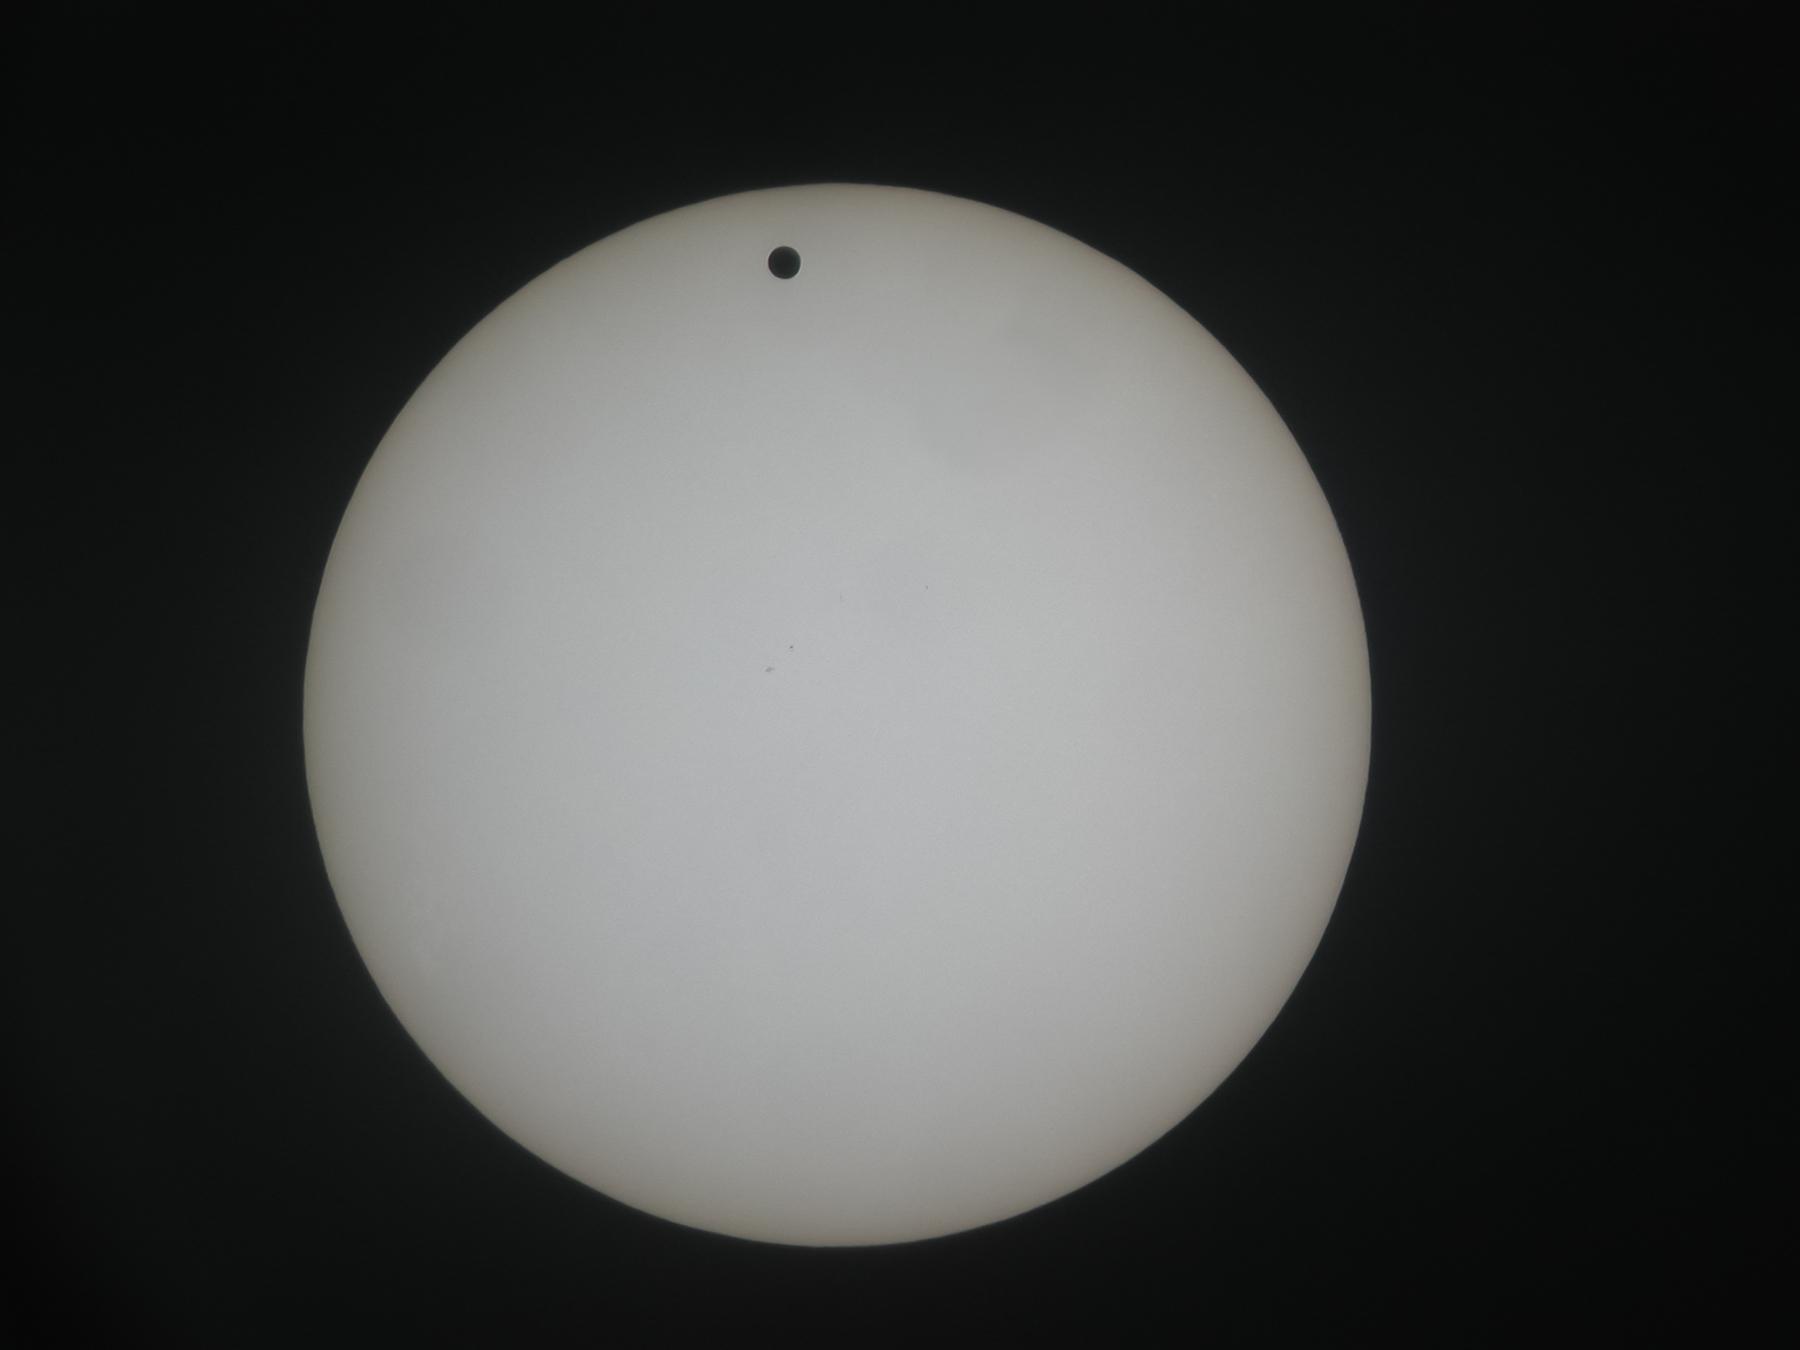 Astrofotografie - Doek voor de zon ...